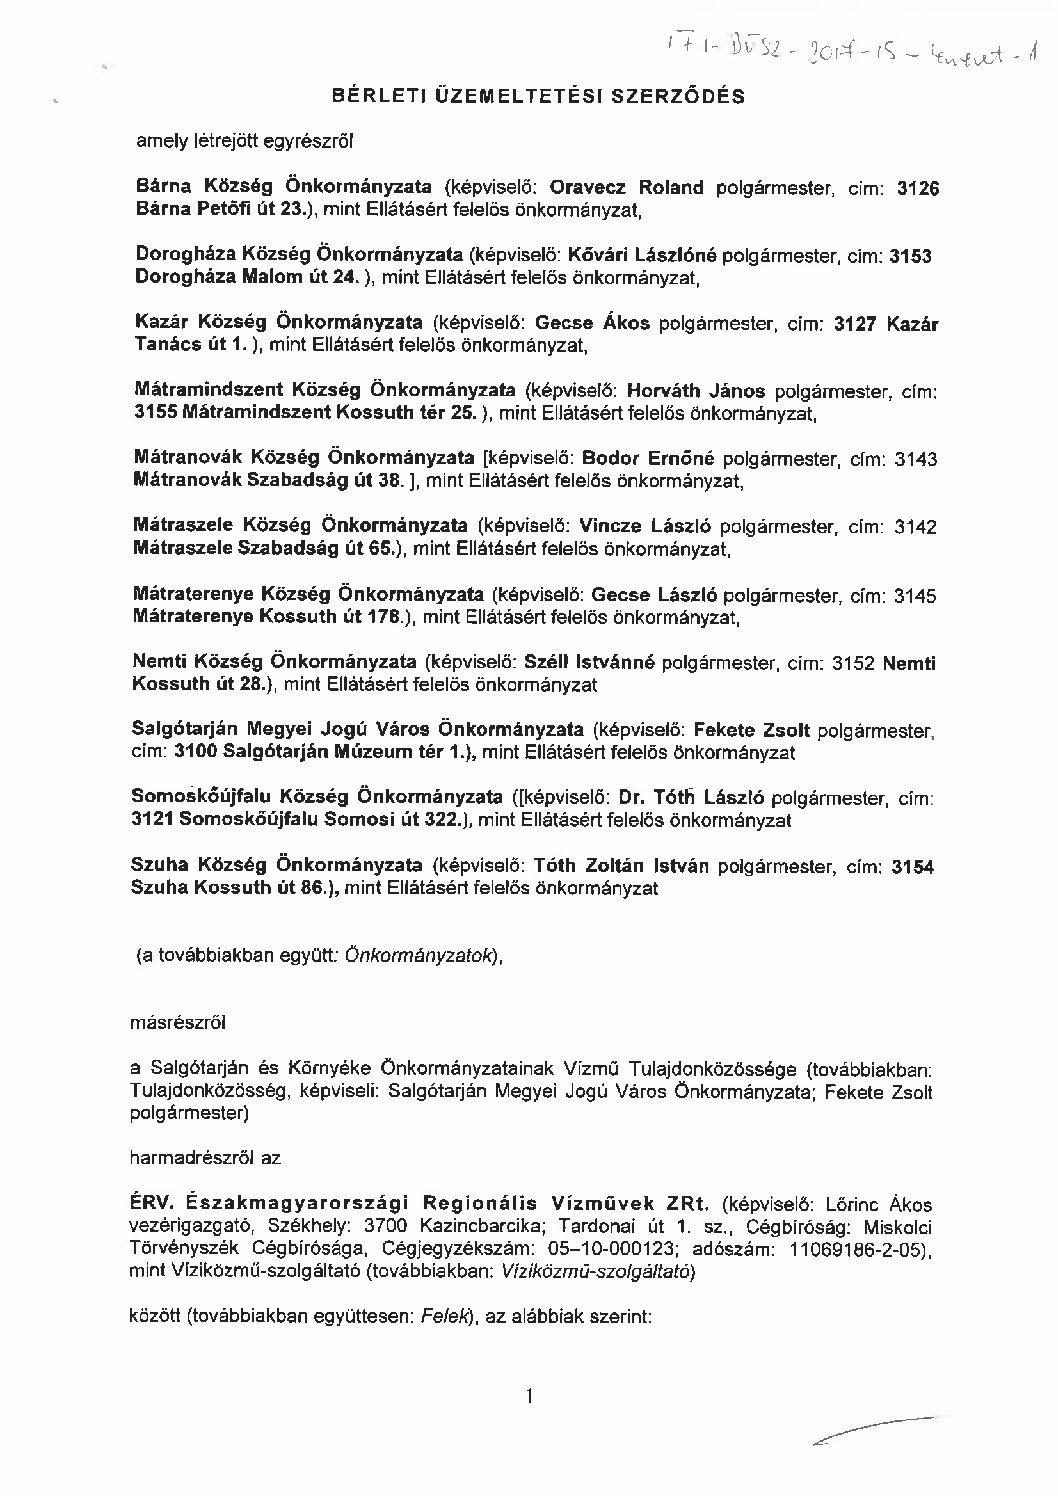 Salgótarján és társult települések víziközműrendszer (I-2-V-1)